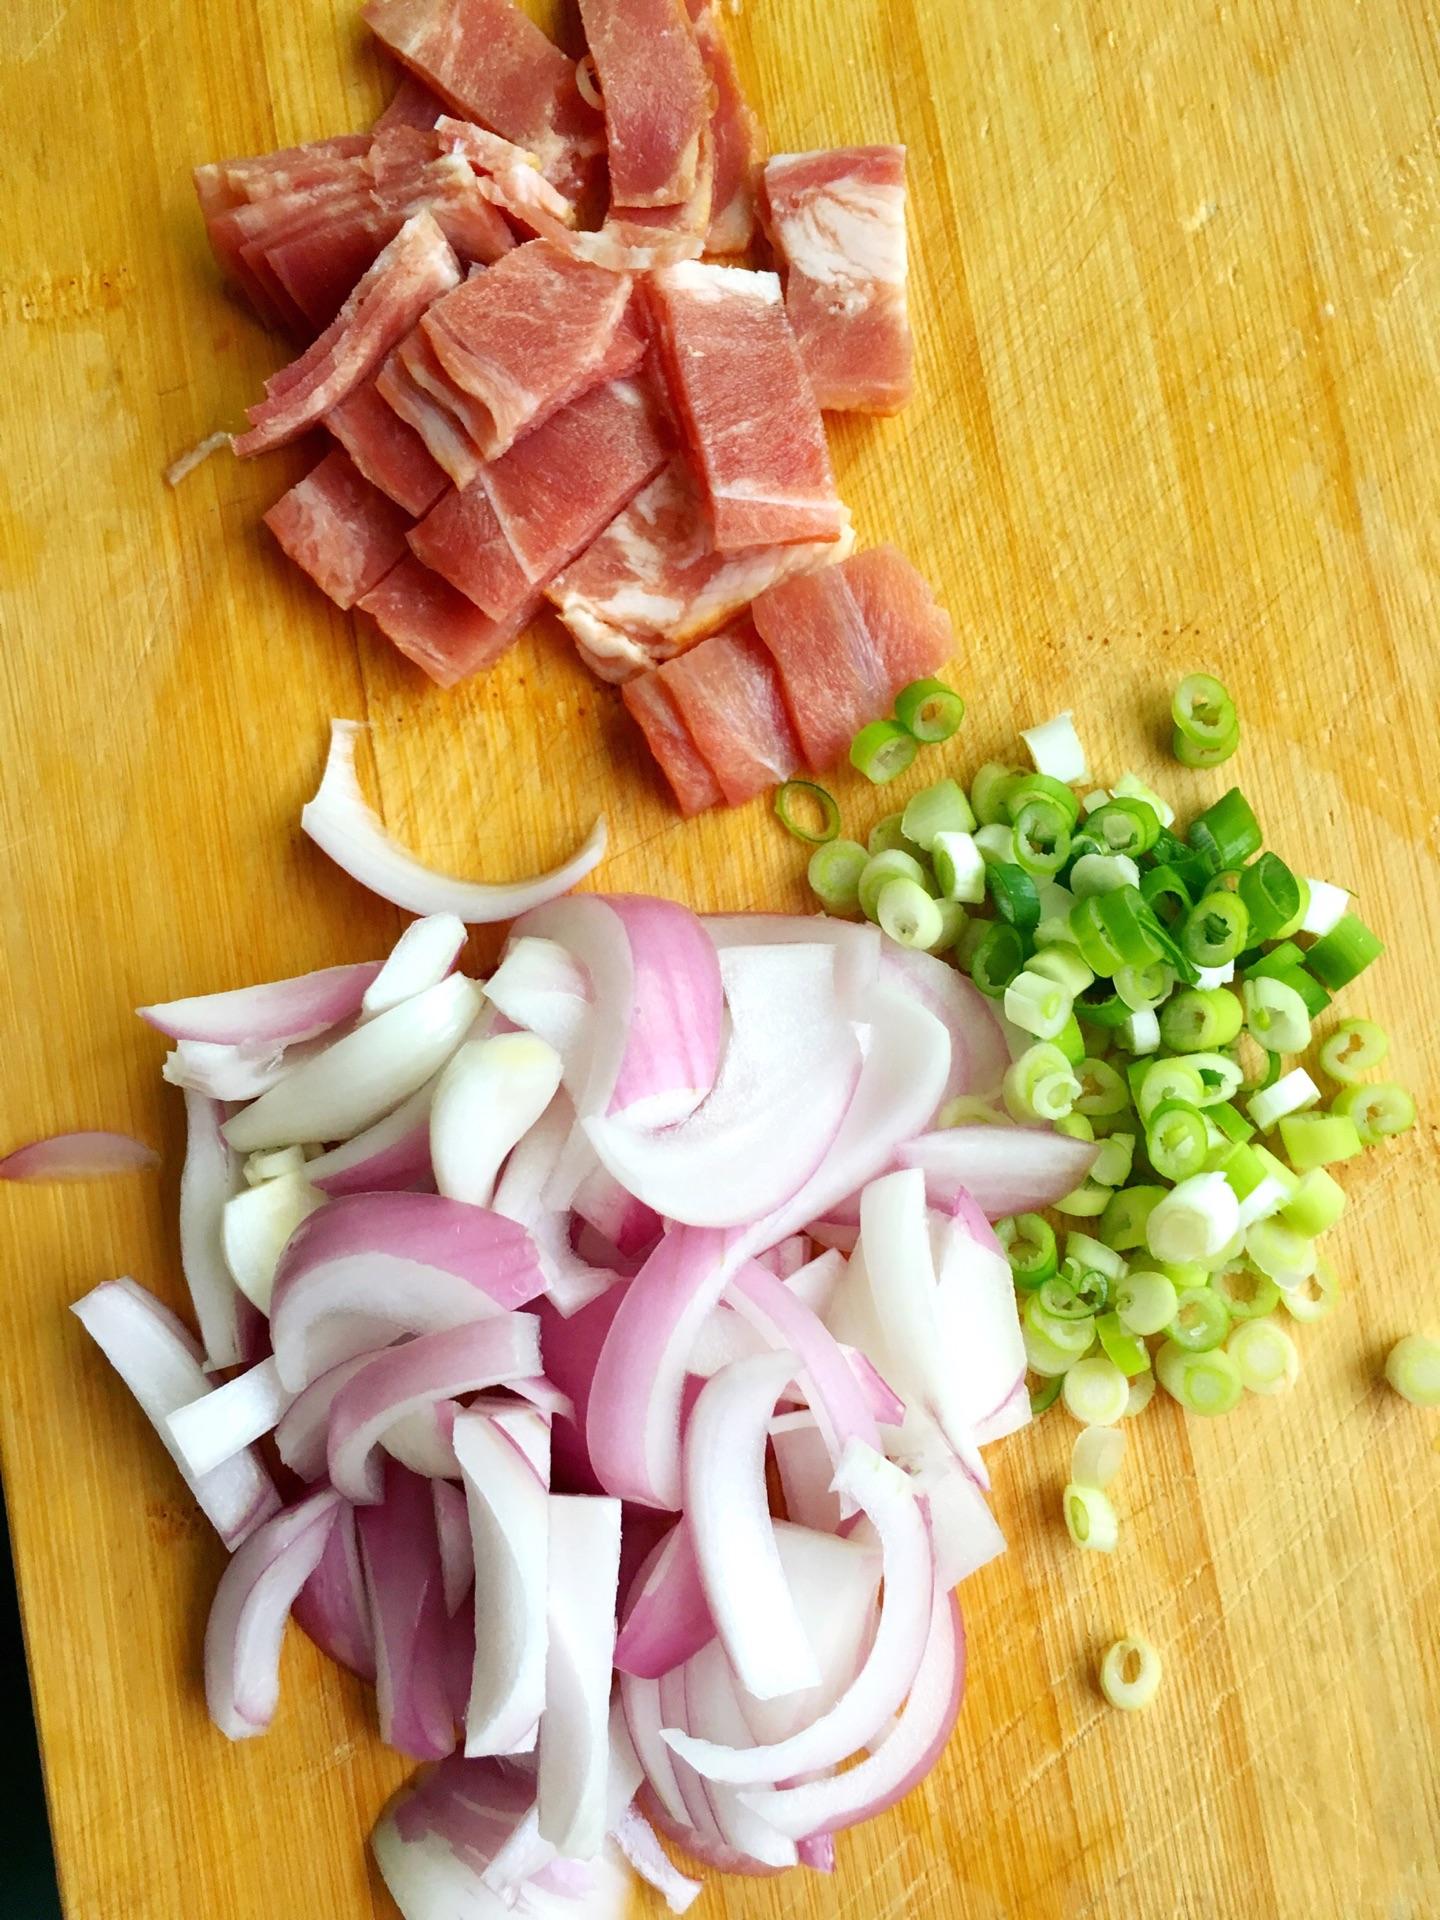 洋葱切成小块,小葱洗净去皮切丝,葱花切公司亳州调味品培根图片